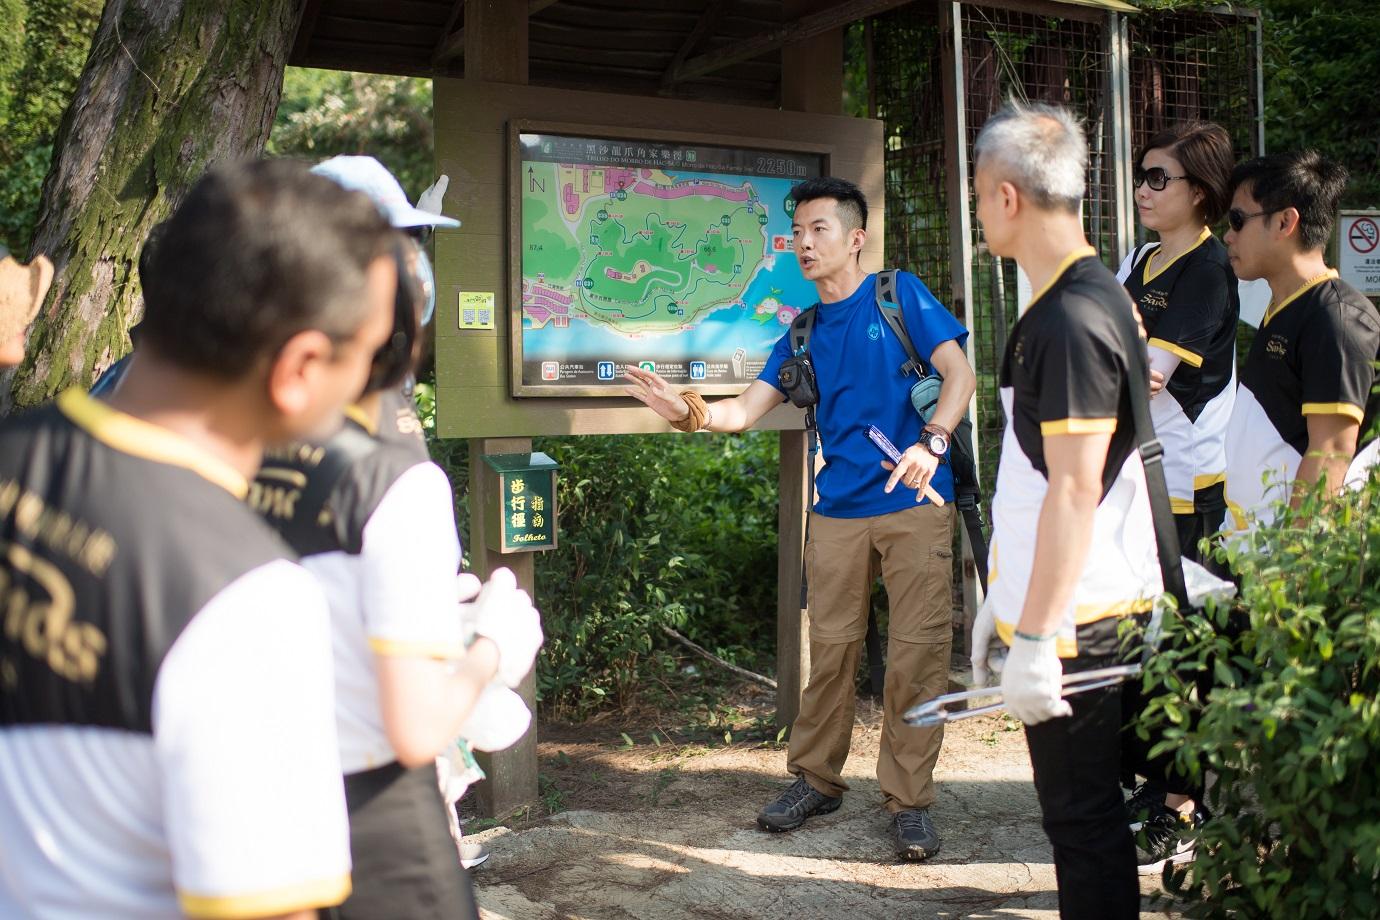 路环生态地质导赏之旅 - 金沙中国